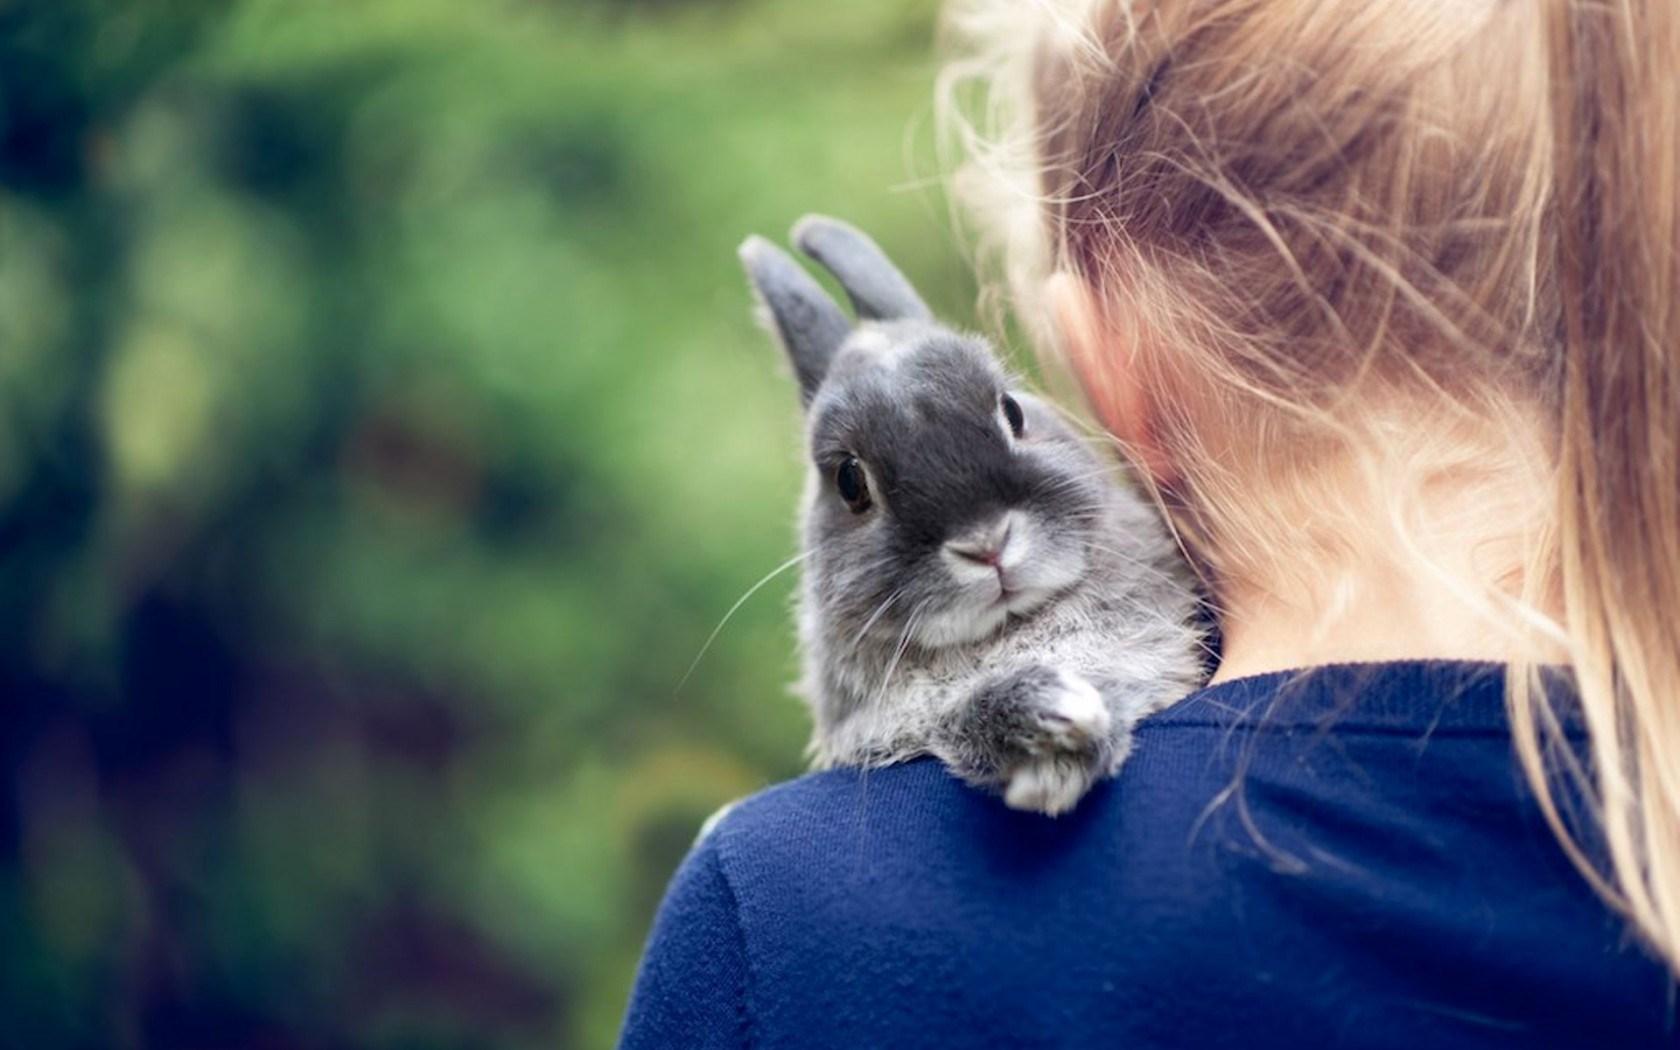 rabbits hd wallpaper